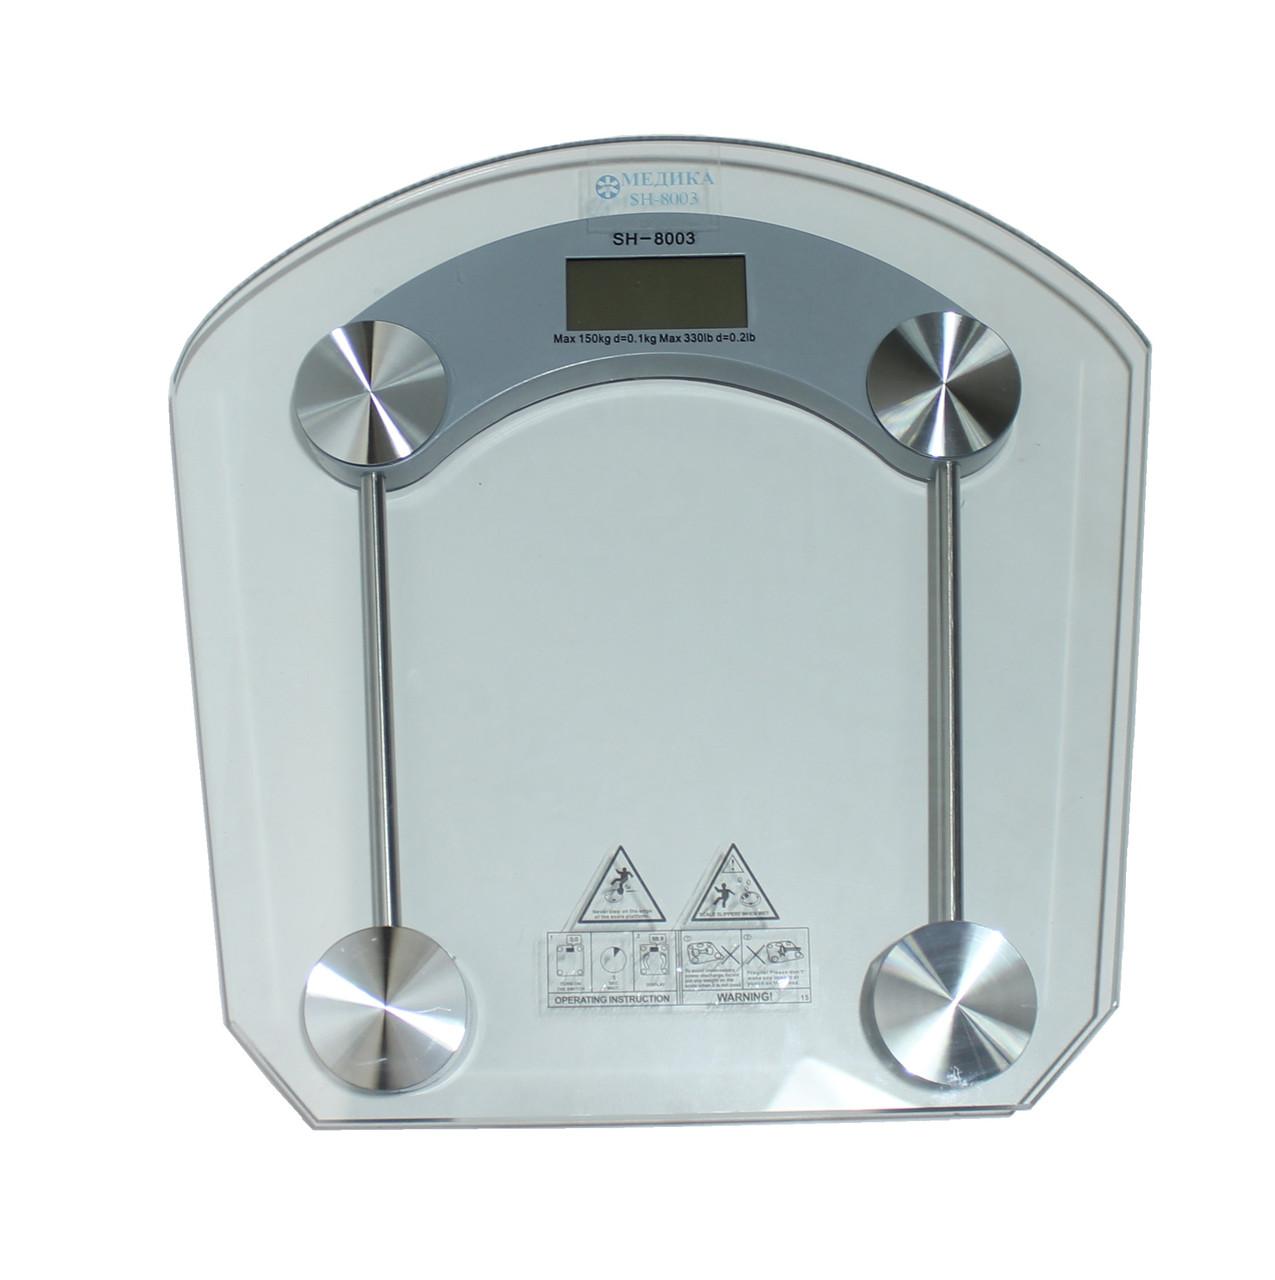 SH-8003 Електронні ваги підлогові (скло).